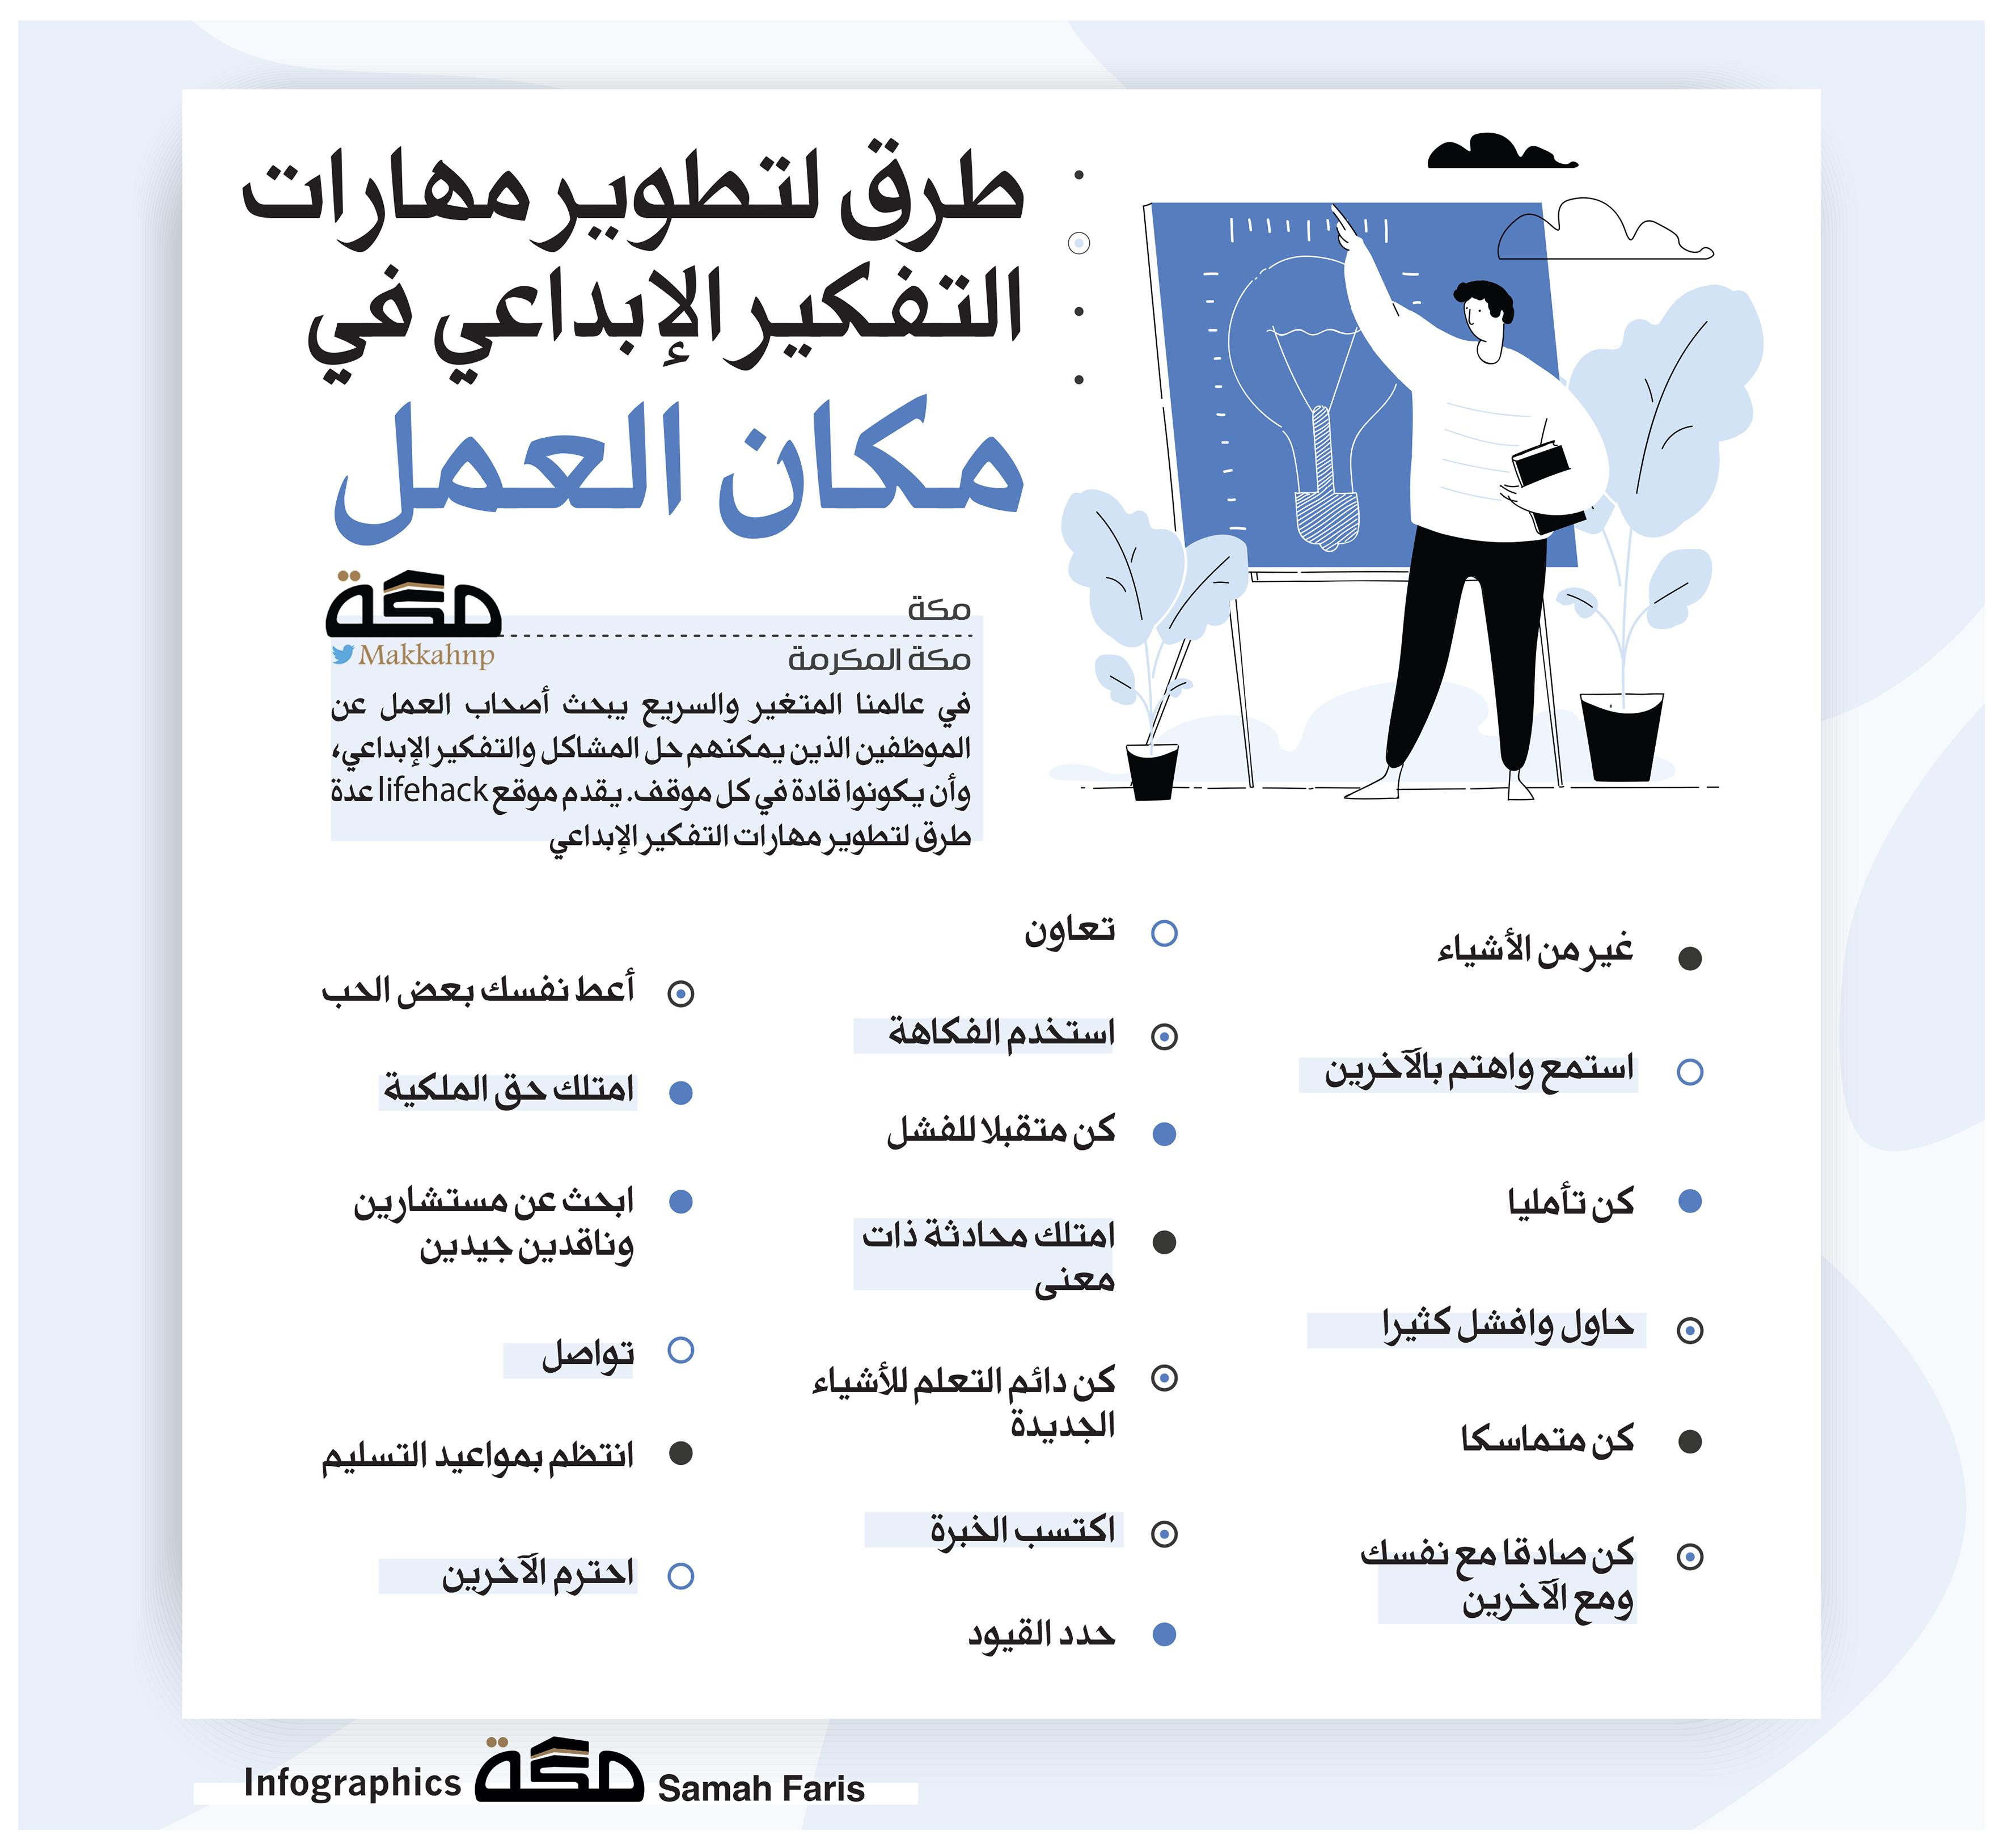 طرق لتطوير مهارات التفكير الإبداعي في مكان العمل العمل التفكير الإبداعي صحيفة مكة Words Word Search Puzzle Infographic